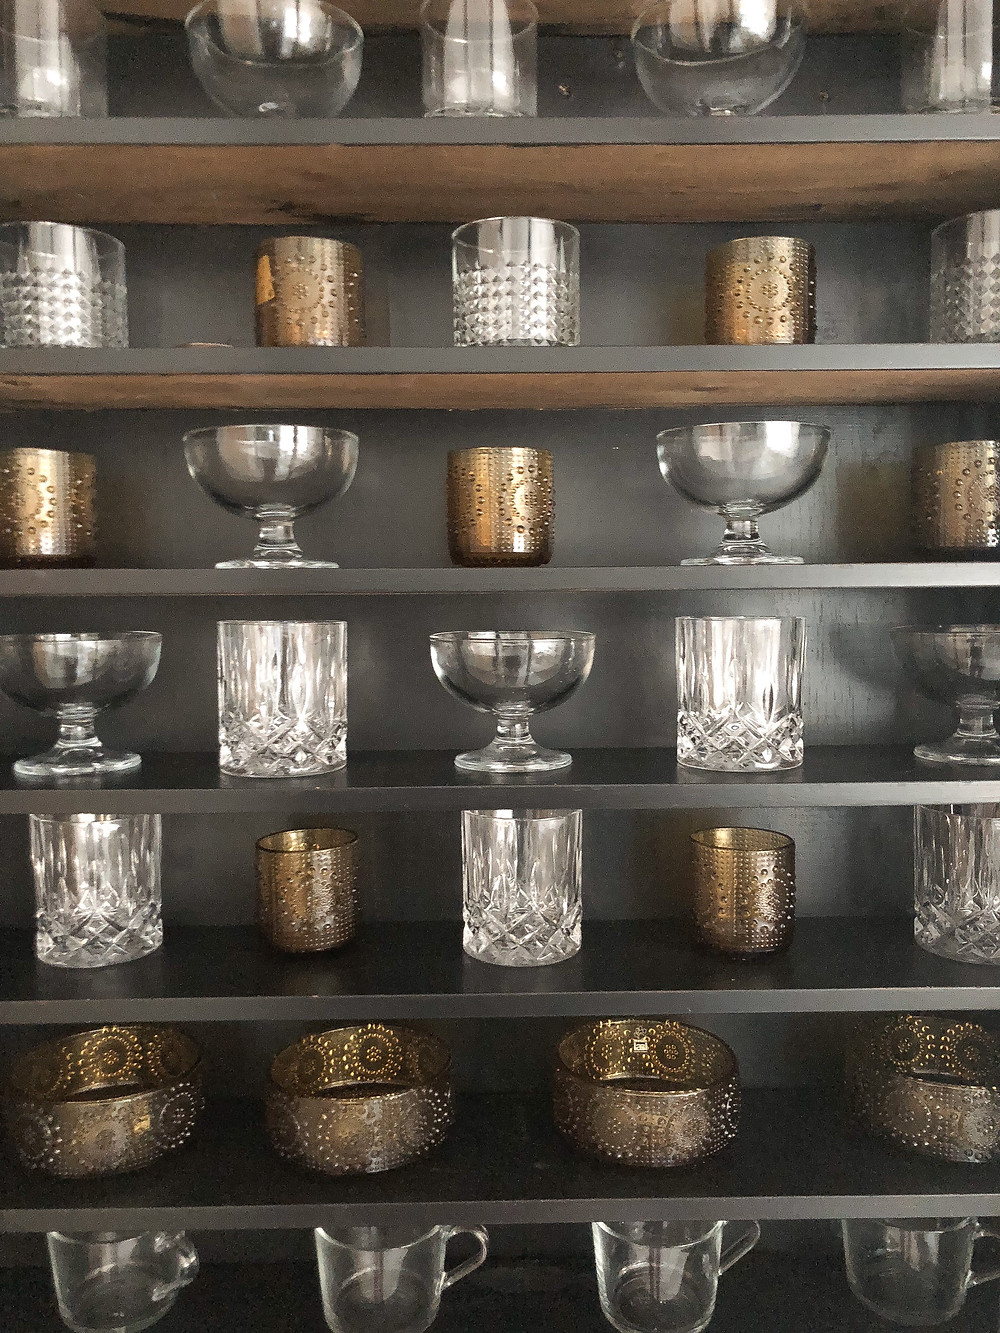 riihimäen lasi grappnonia, vanha ruskea juomalasi, konjakkilasit, glass items in an old cabinet